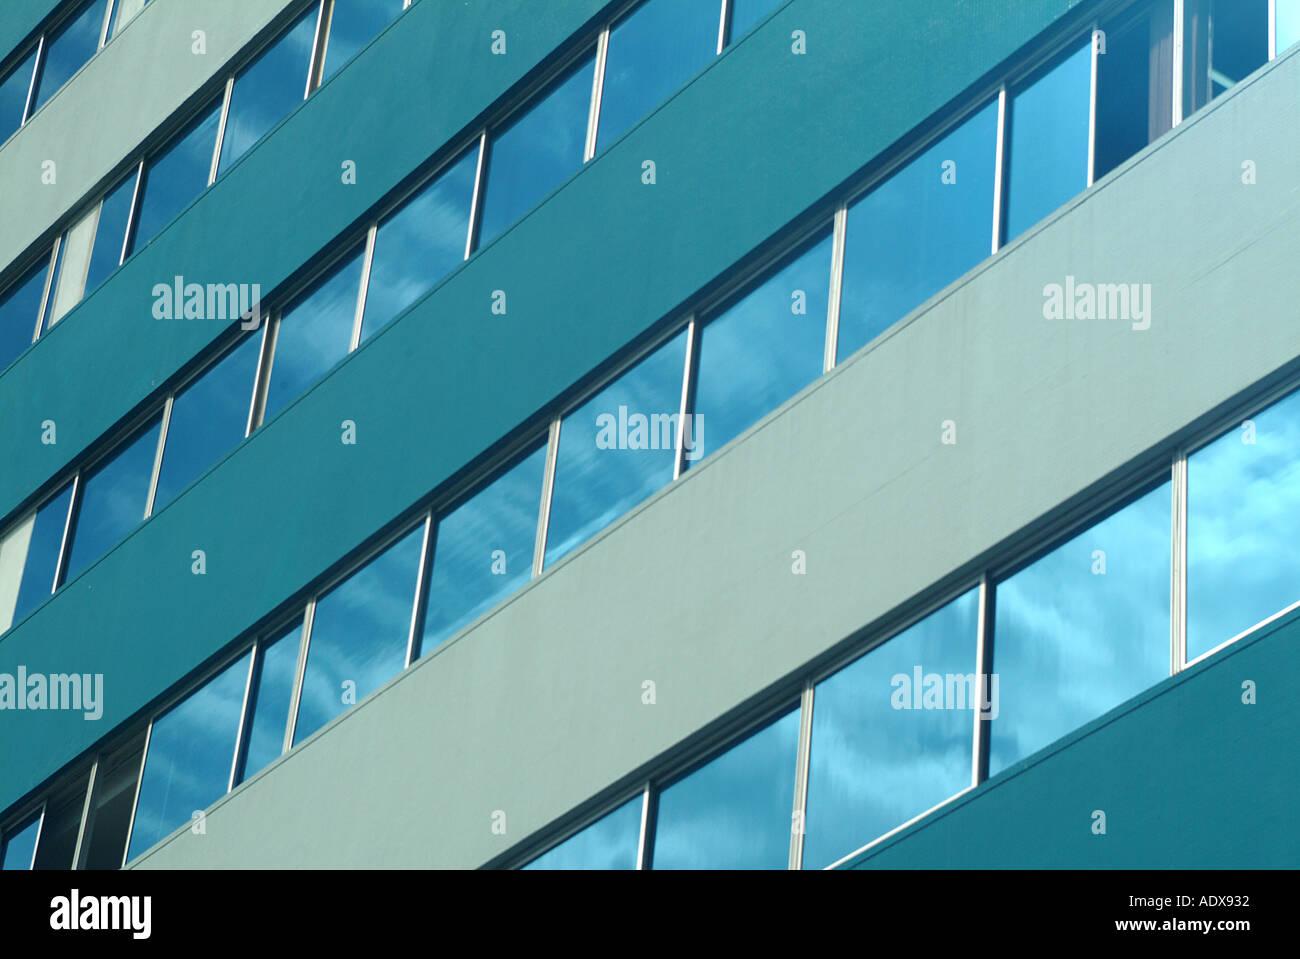 Wd20 Stockfotos & Wd20 Bilder - Alamy